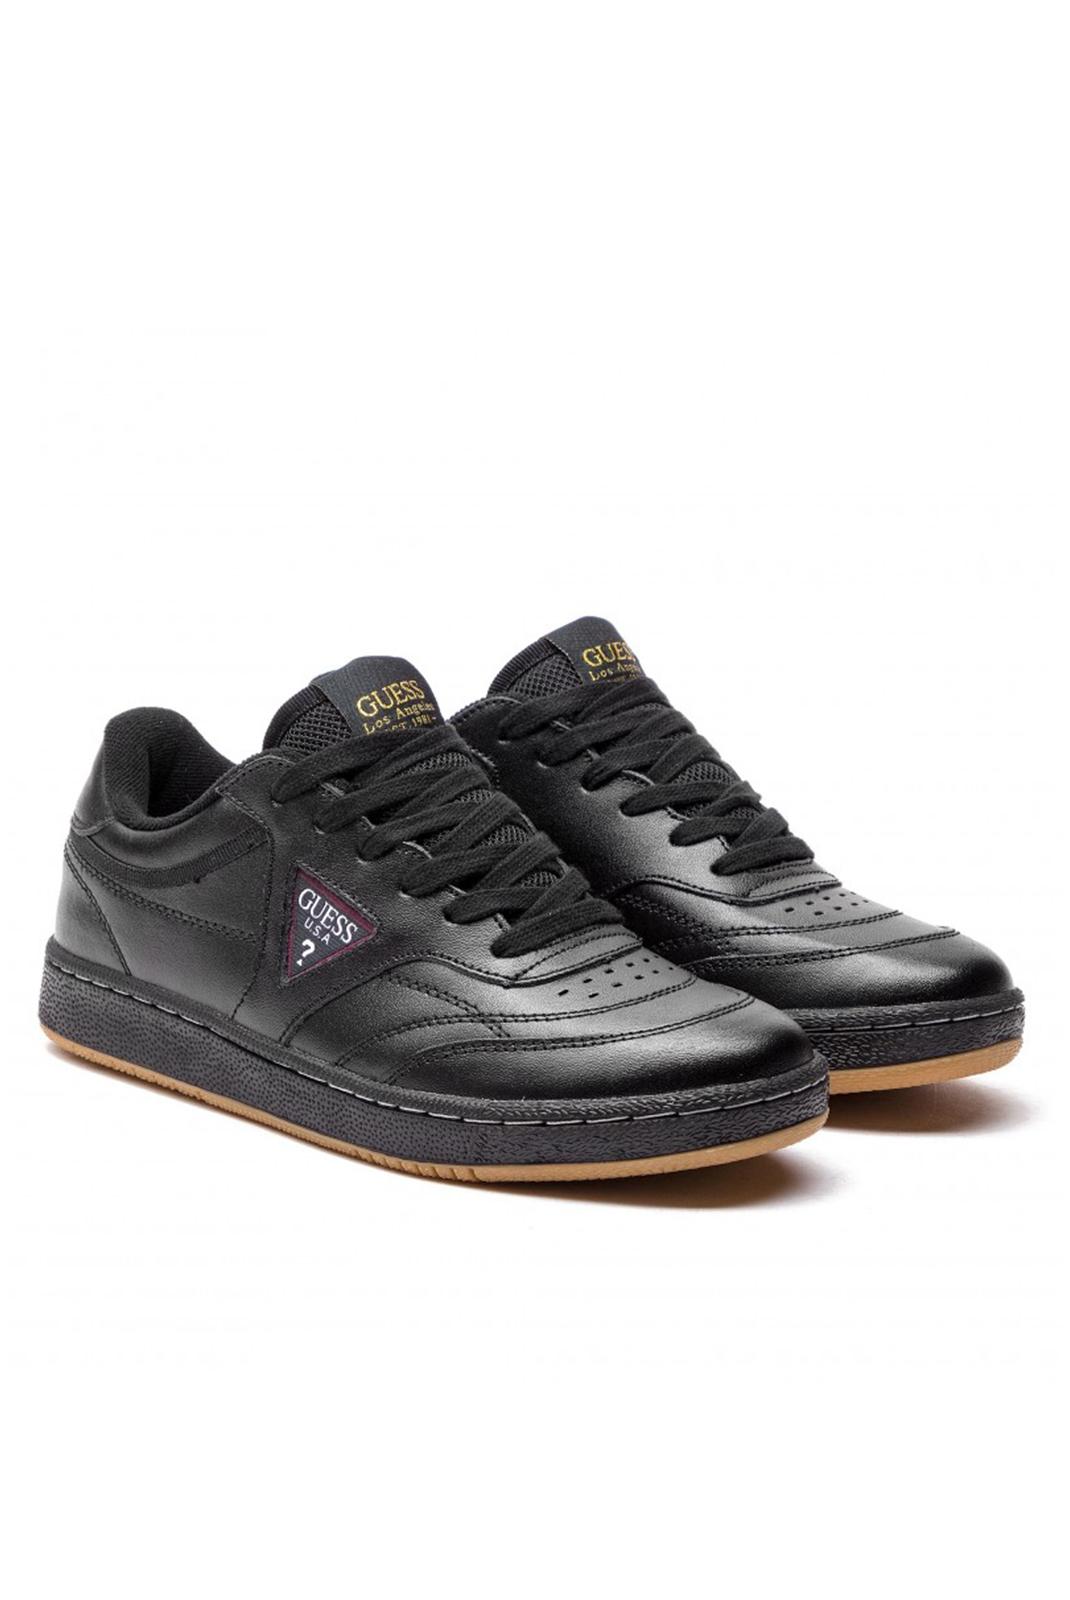 Baskets / Sport  Guess jeans FMTYE4 LEA12 BLACK